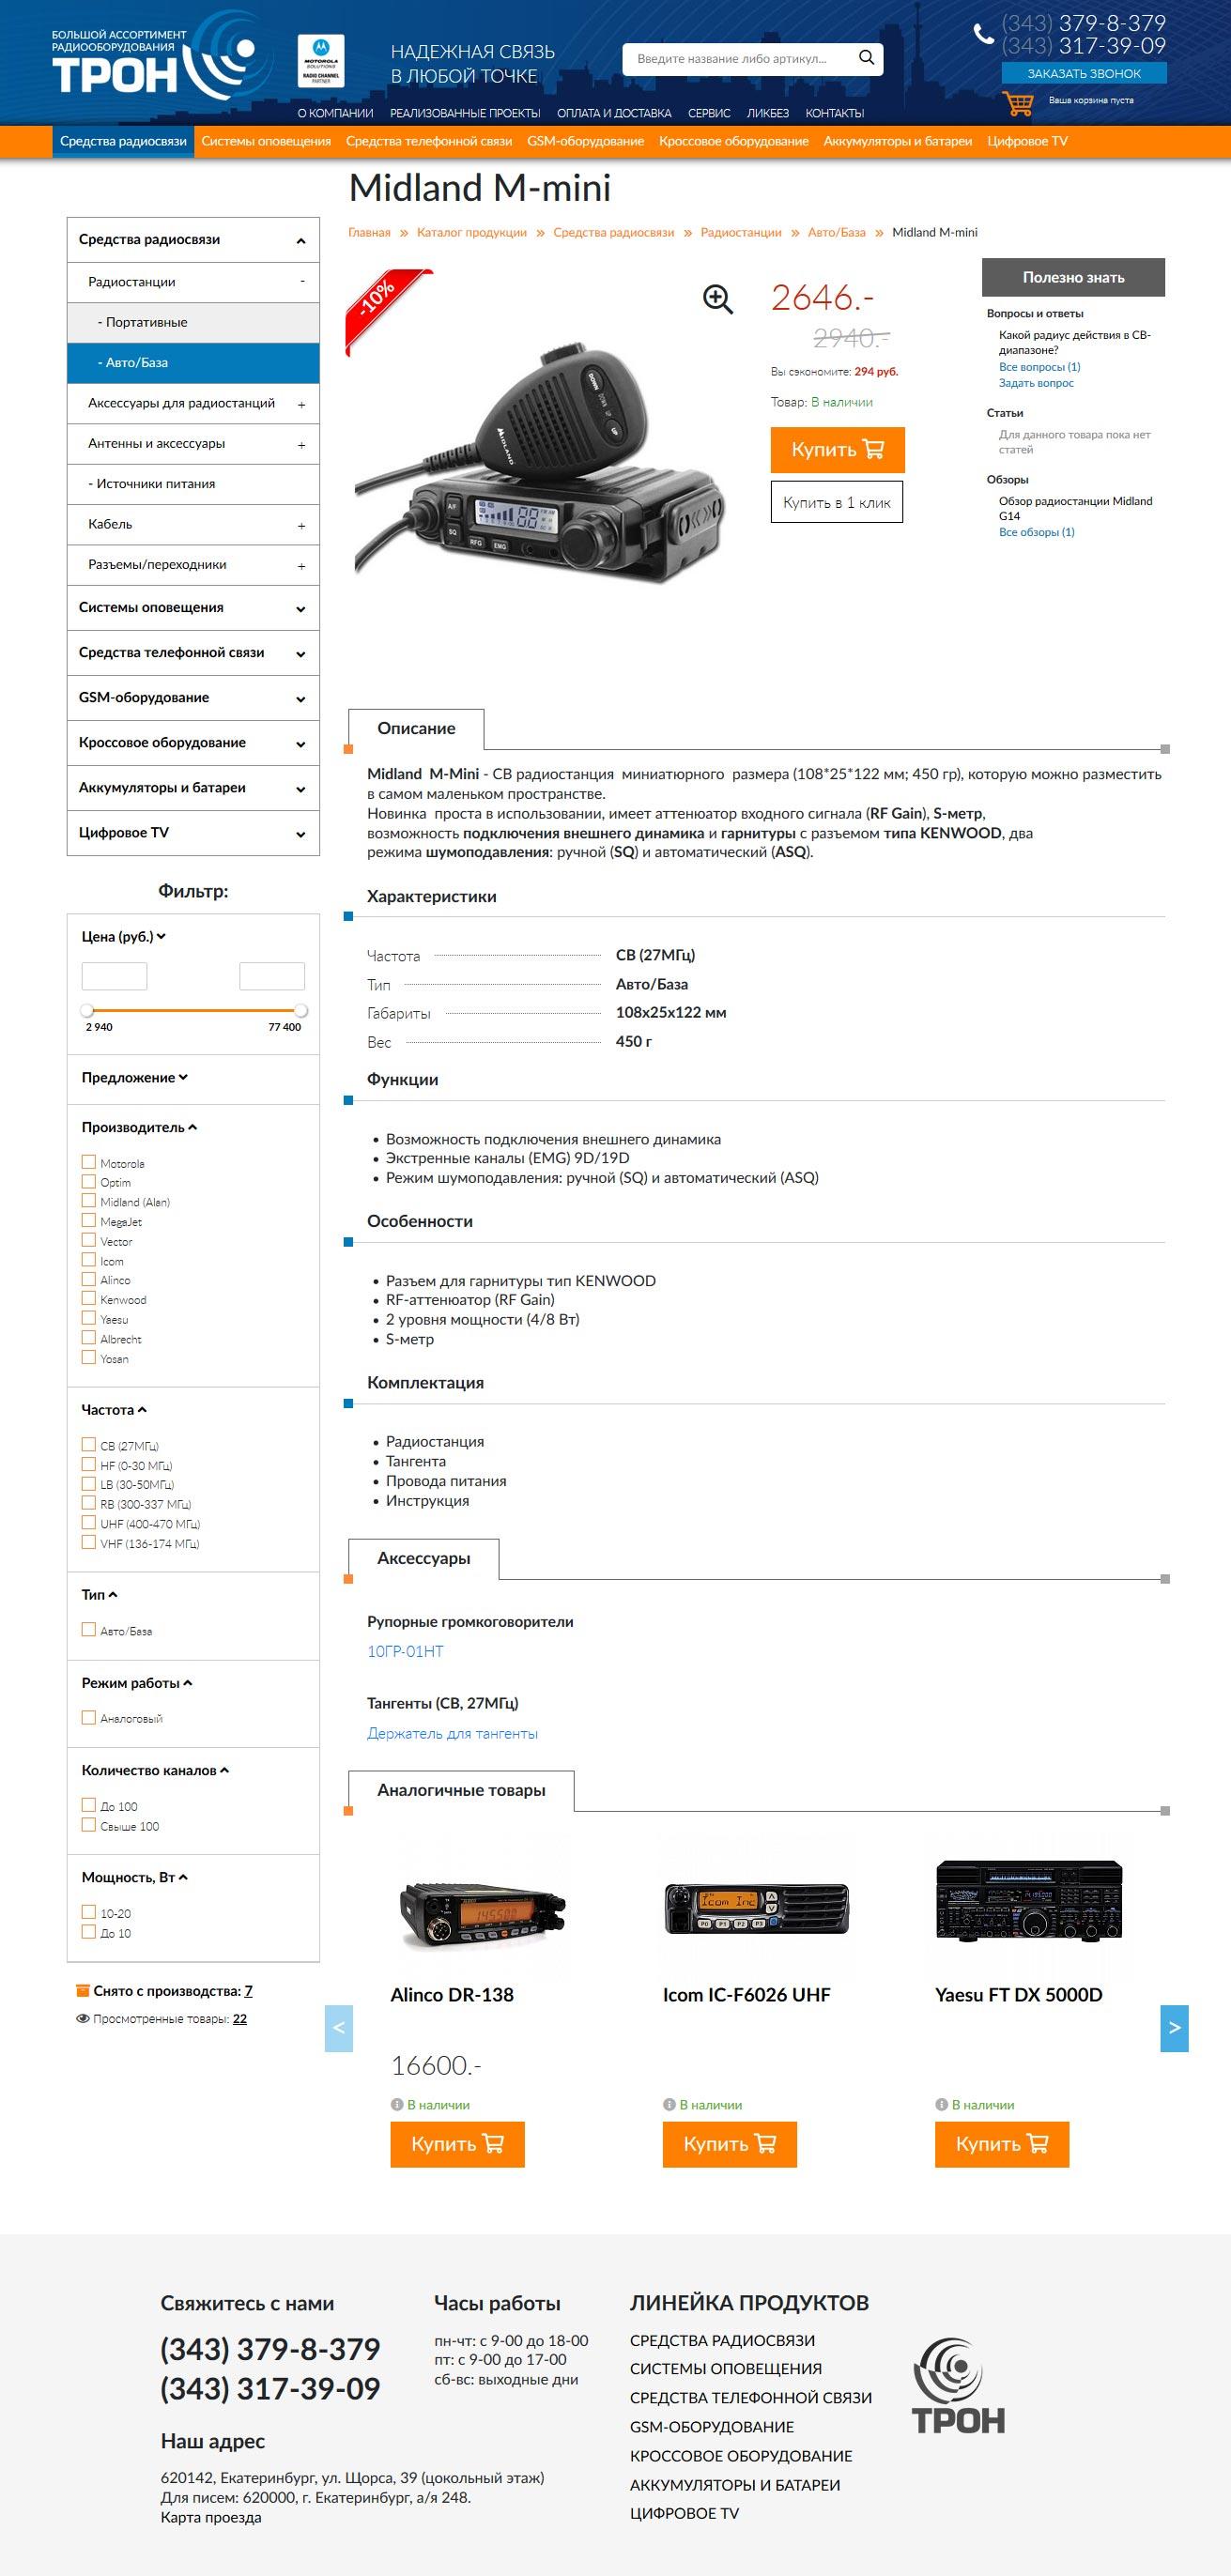 """Пример дизайна интернет магазина компании """"Трон-ВТМ"""""""